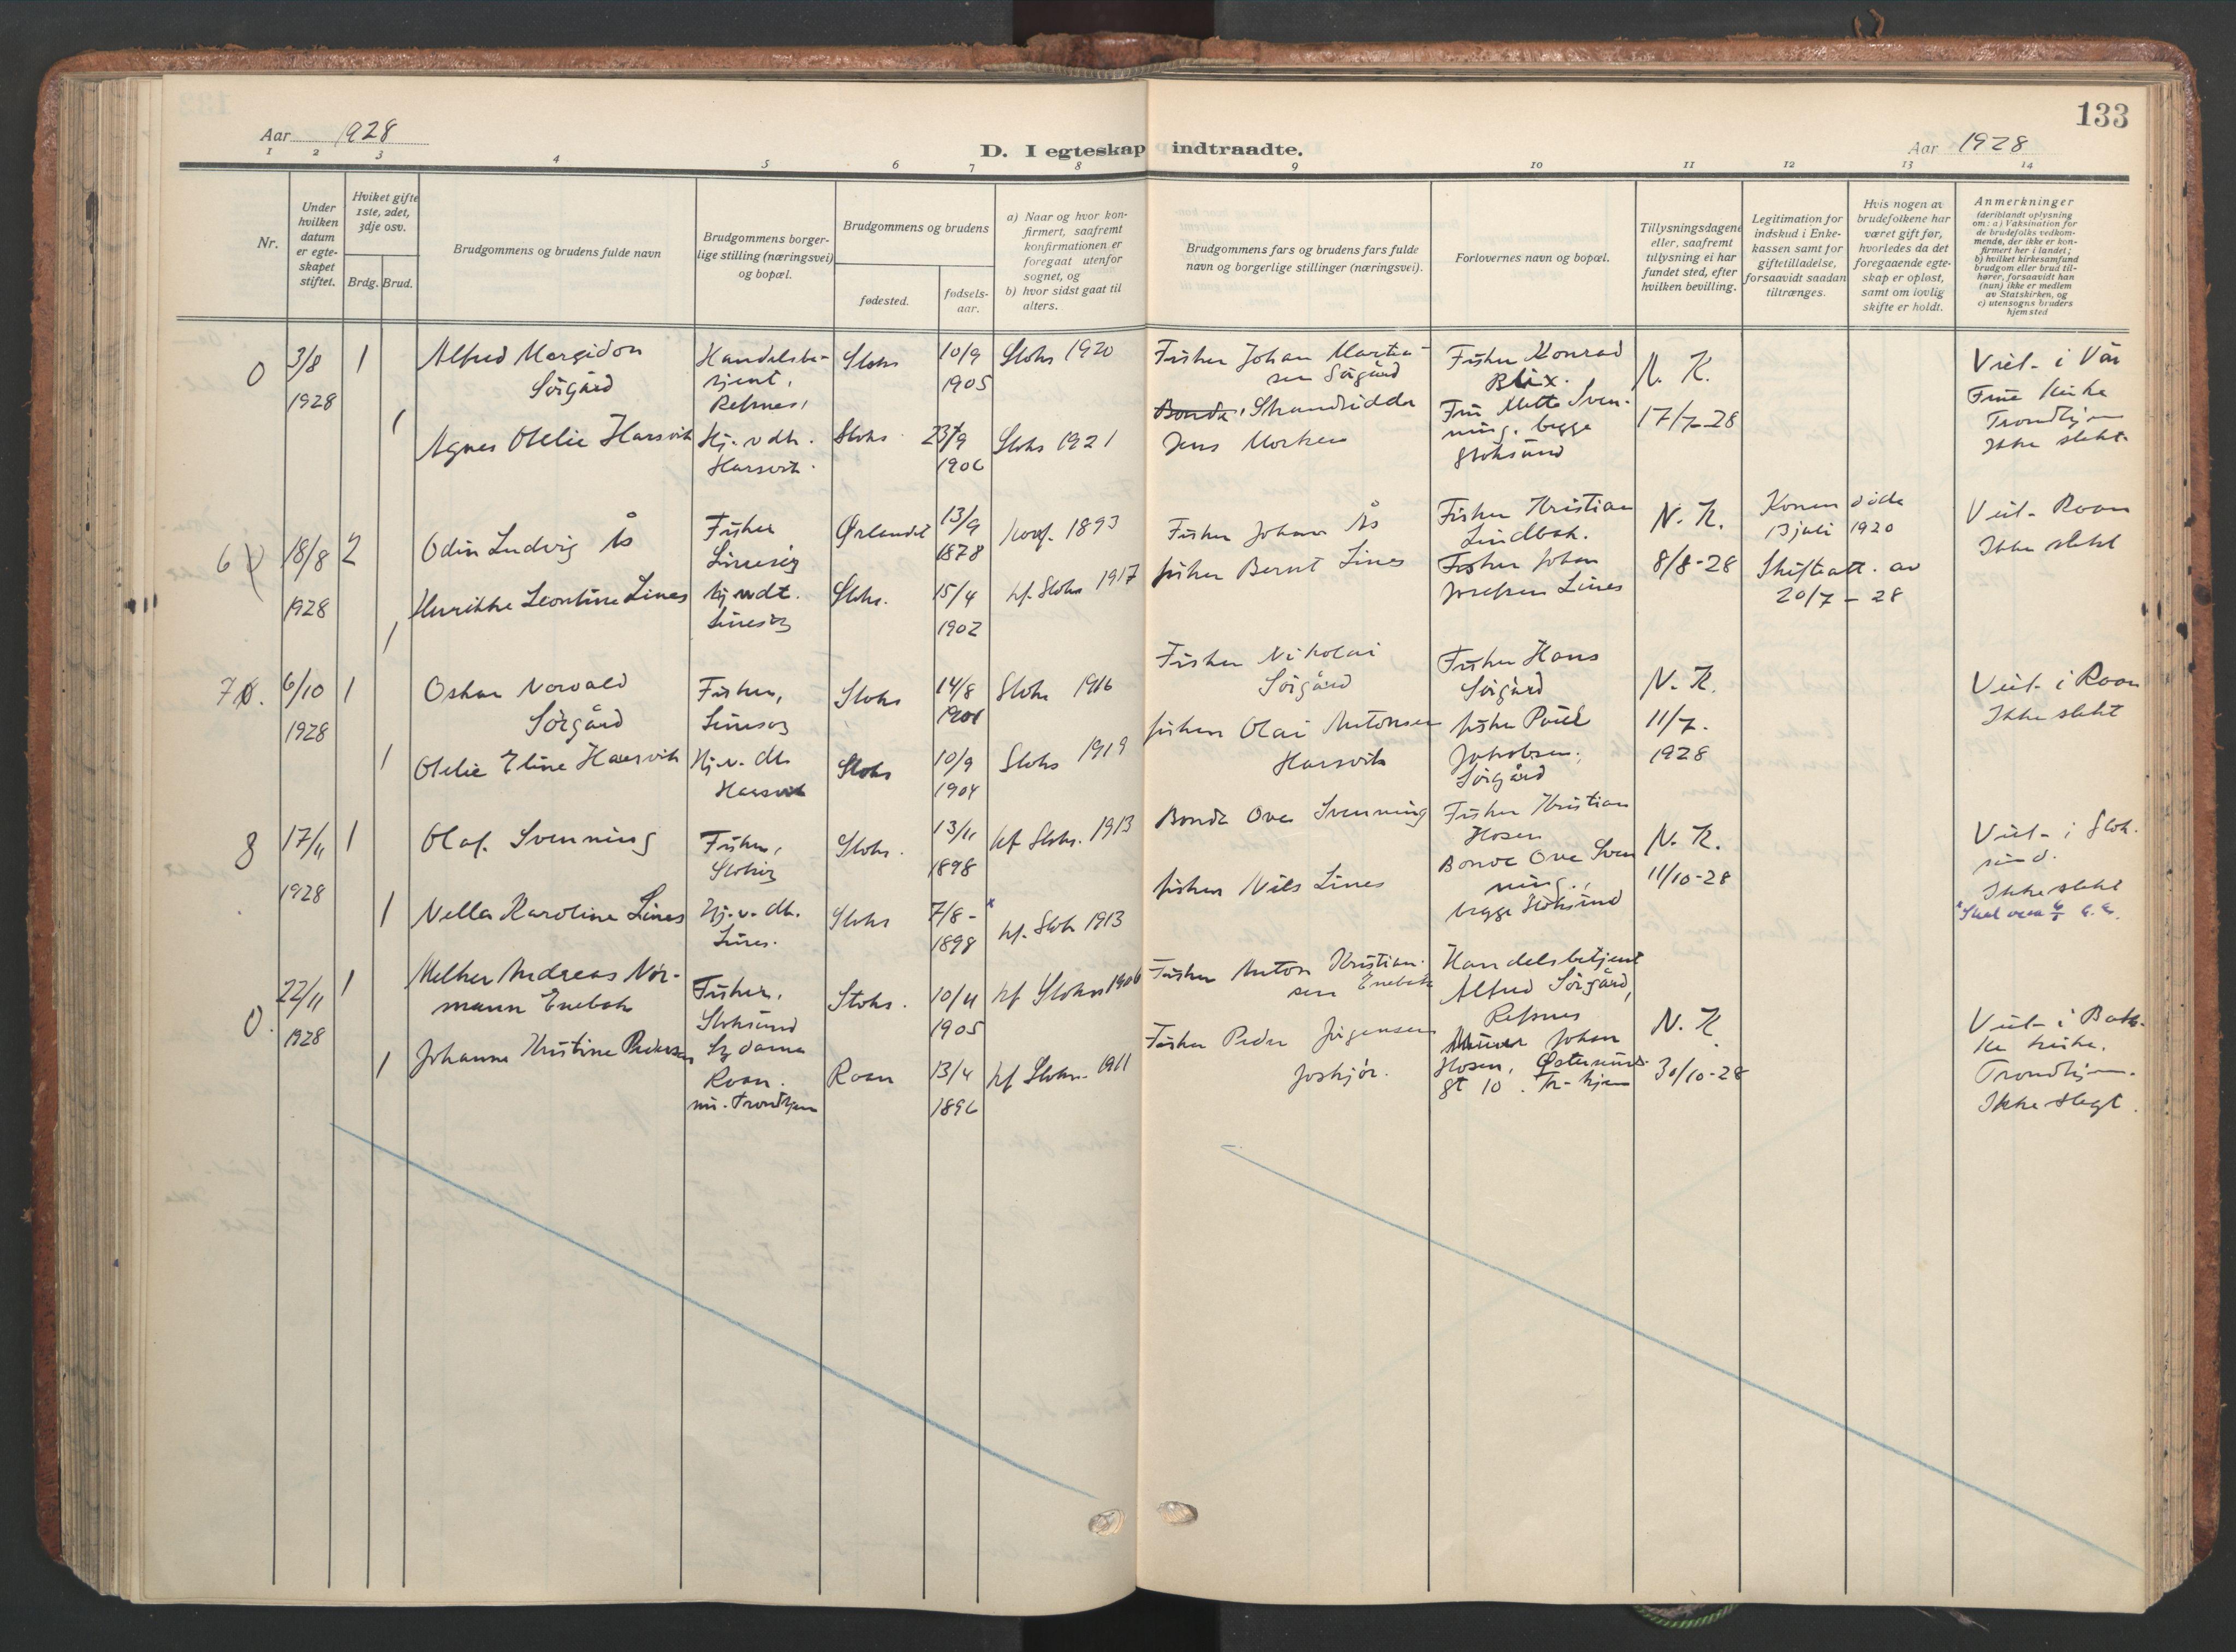 SAT, Ministerialprotokoller, klokkerbøker og fødselsregistre - Sør-Trøndelag, 656/L0694: Ministerialbok nr. 656A03, 1914-1931, s. 133